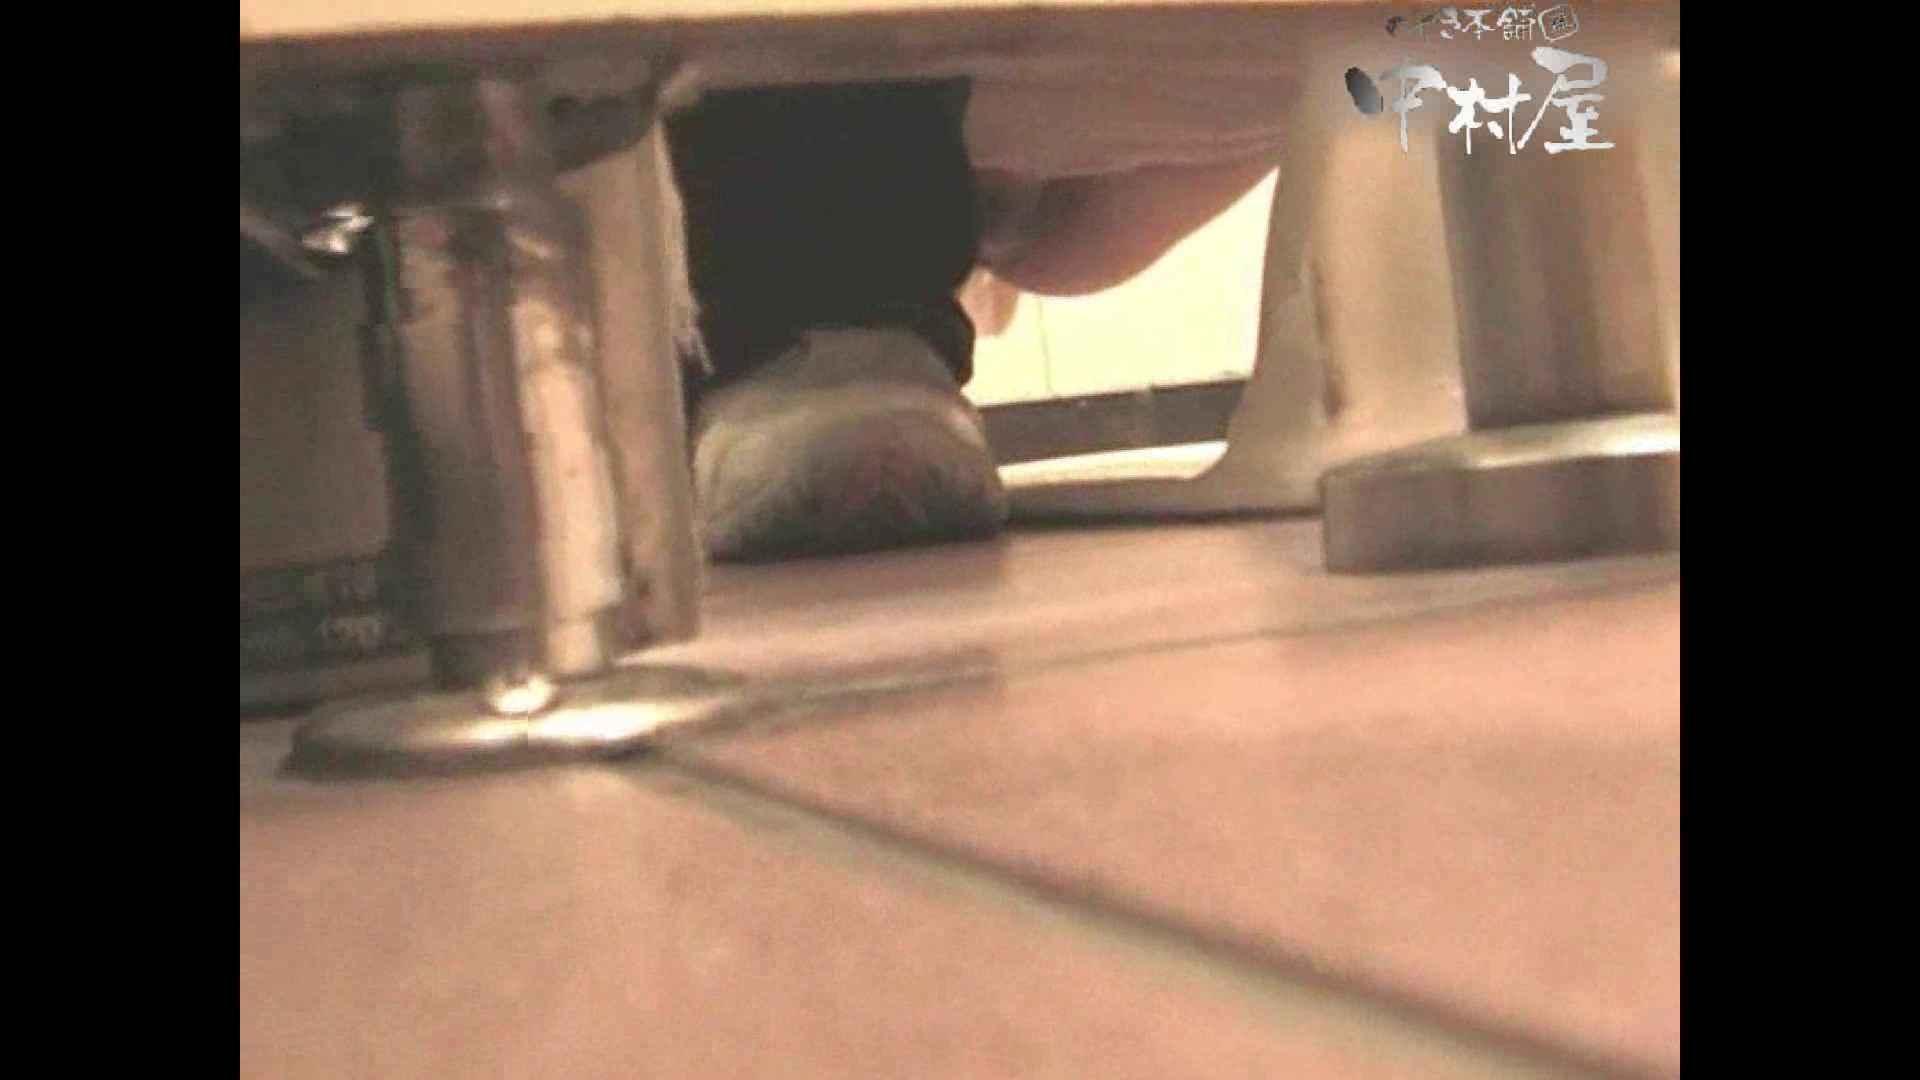 岩手県在住盗撮師盗撮記録vol.05 美しいOLの裸体 ワレメ動画紹介 77pic 2